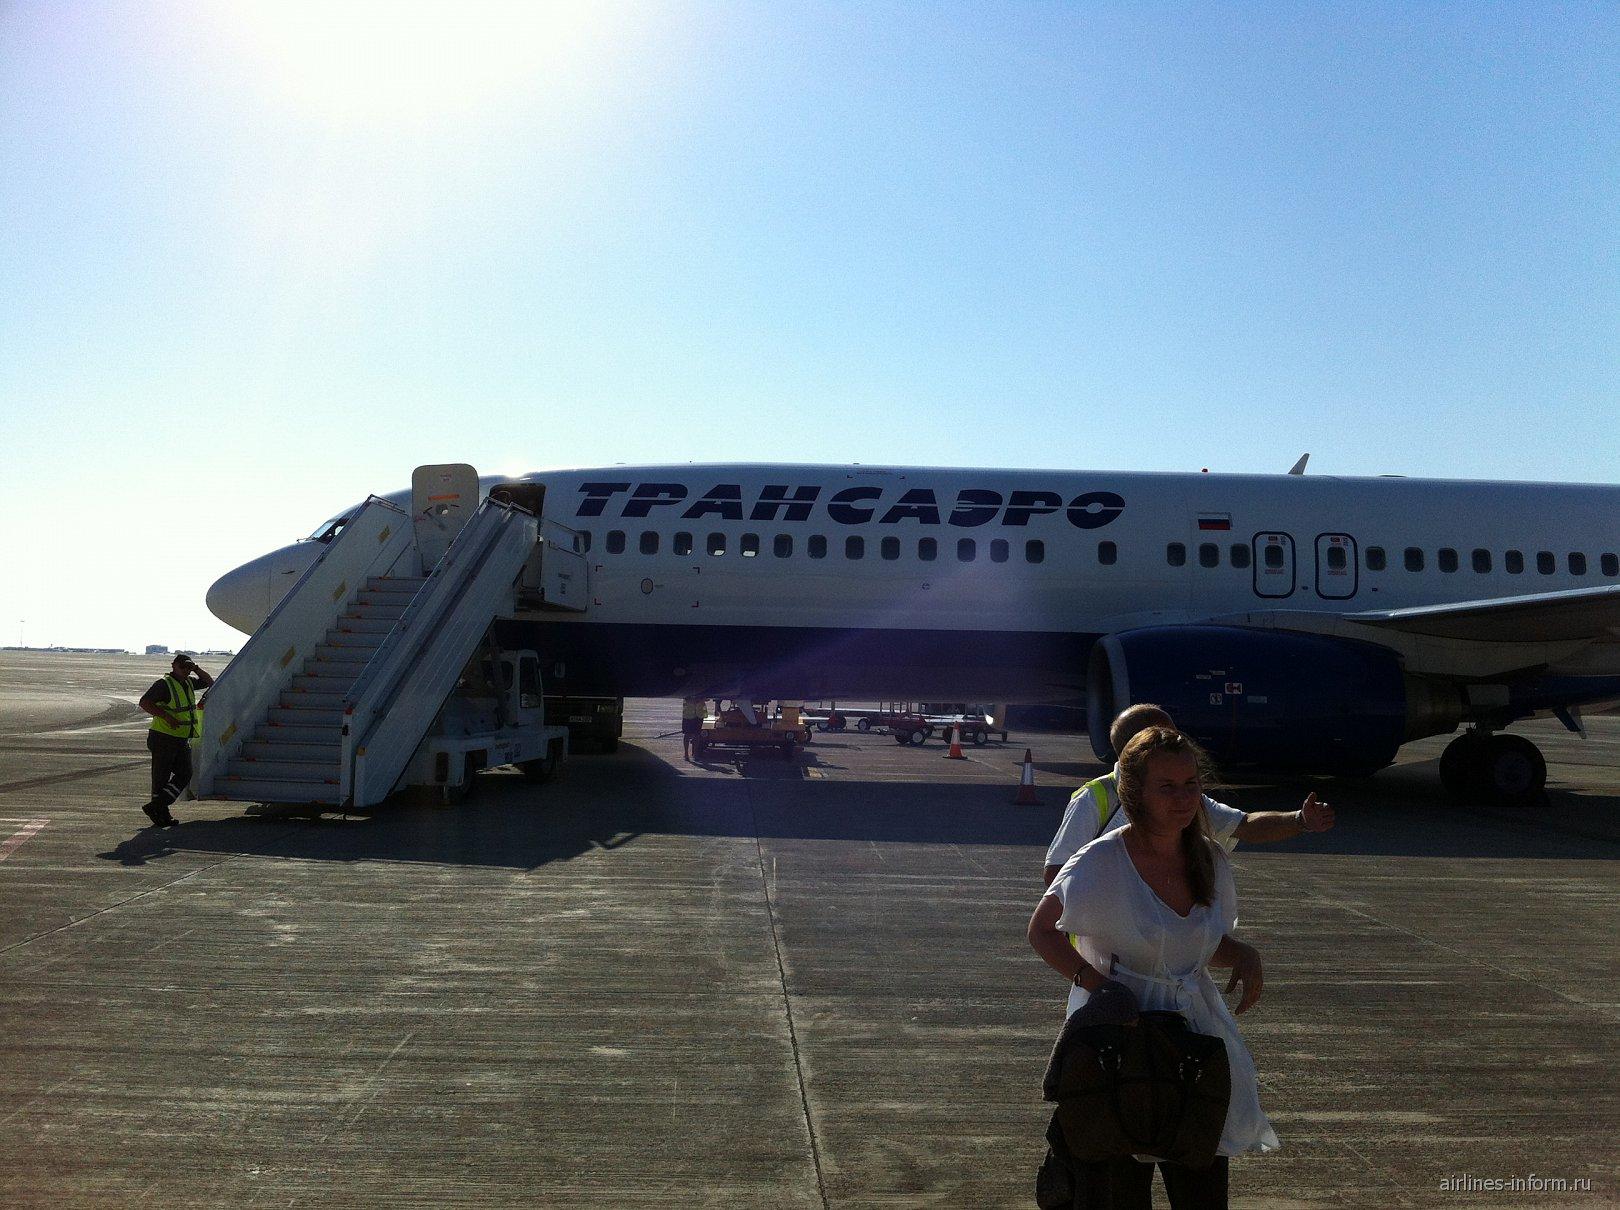 Боинг-737 Трансаэро в аэропорту Пафос